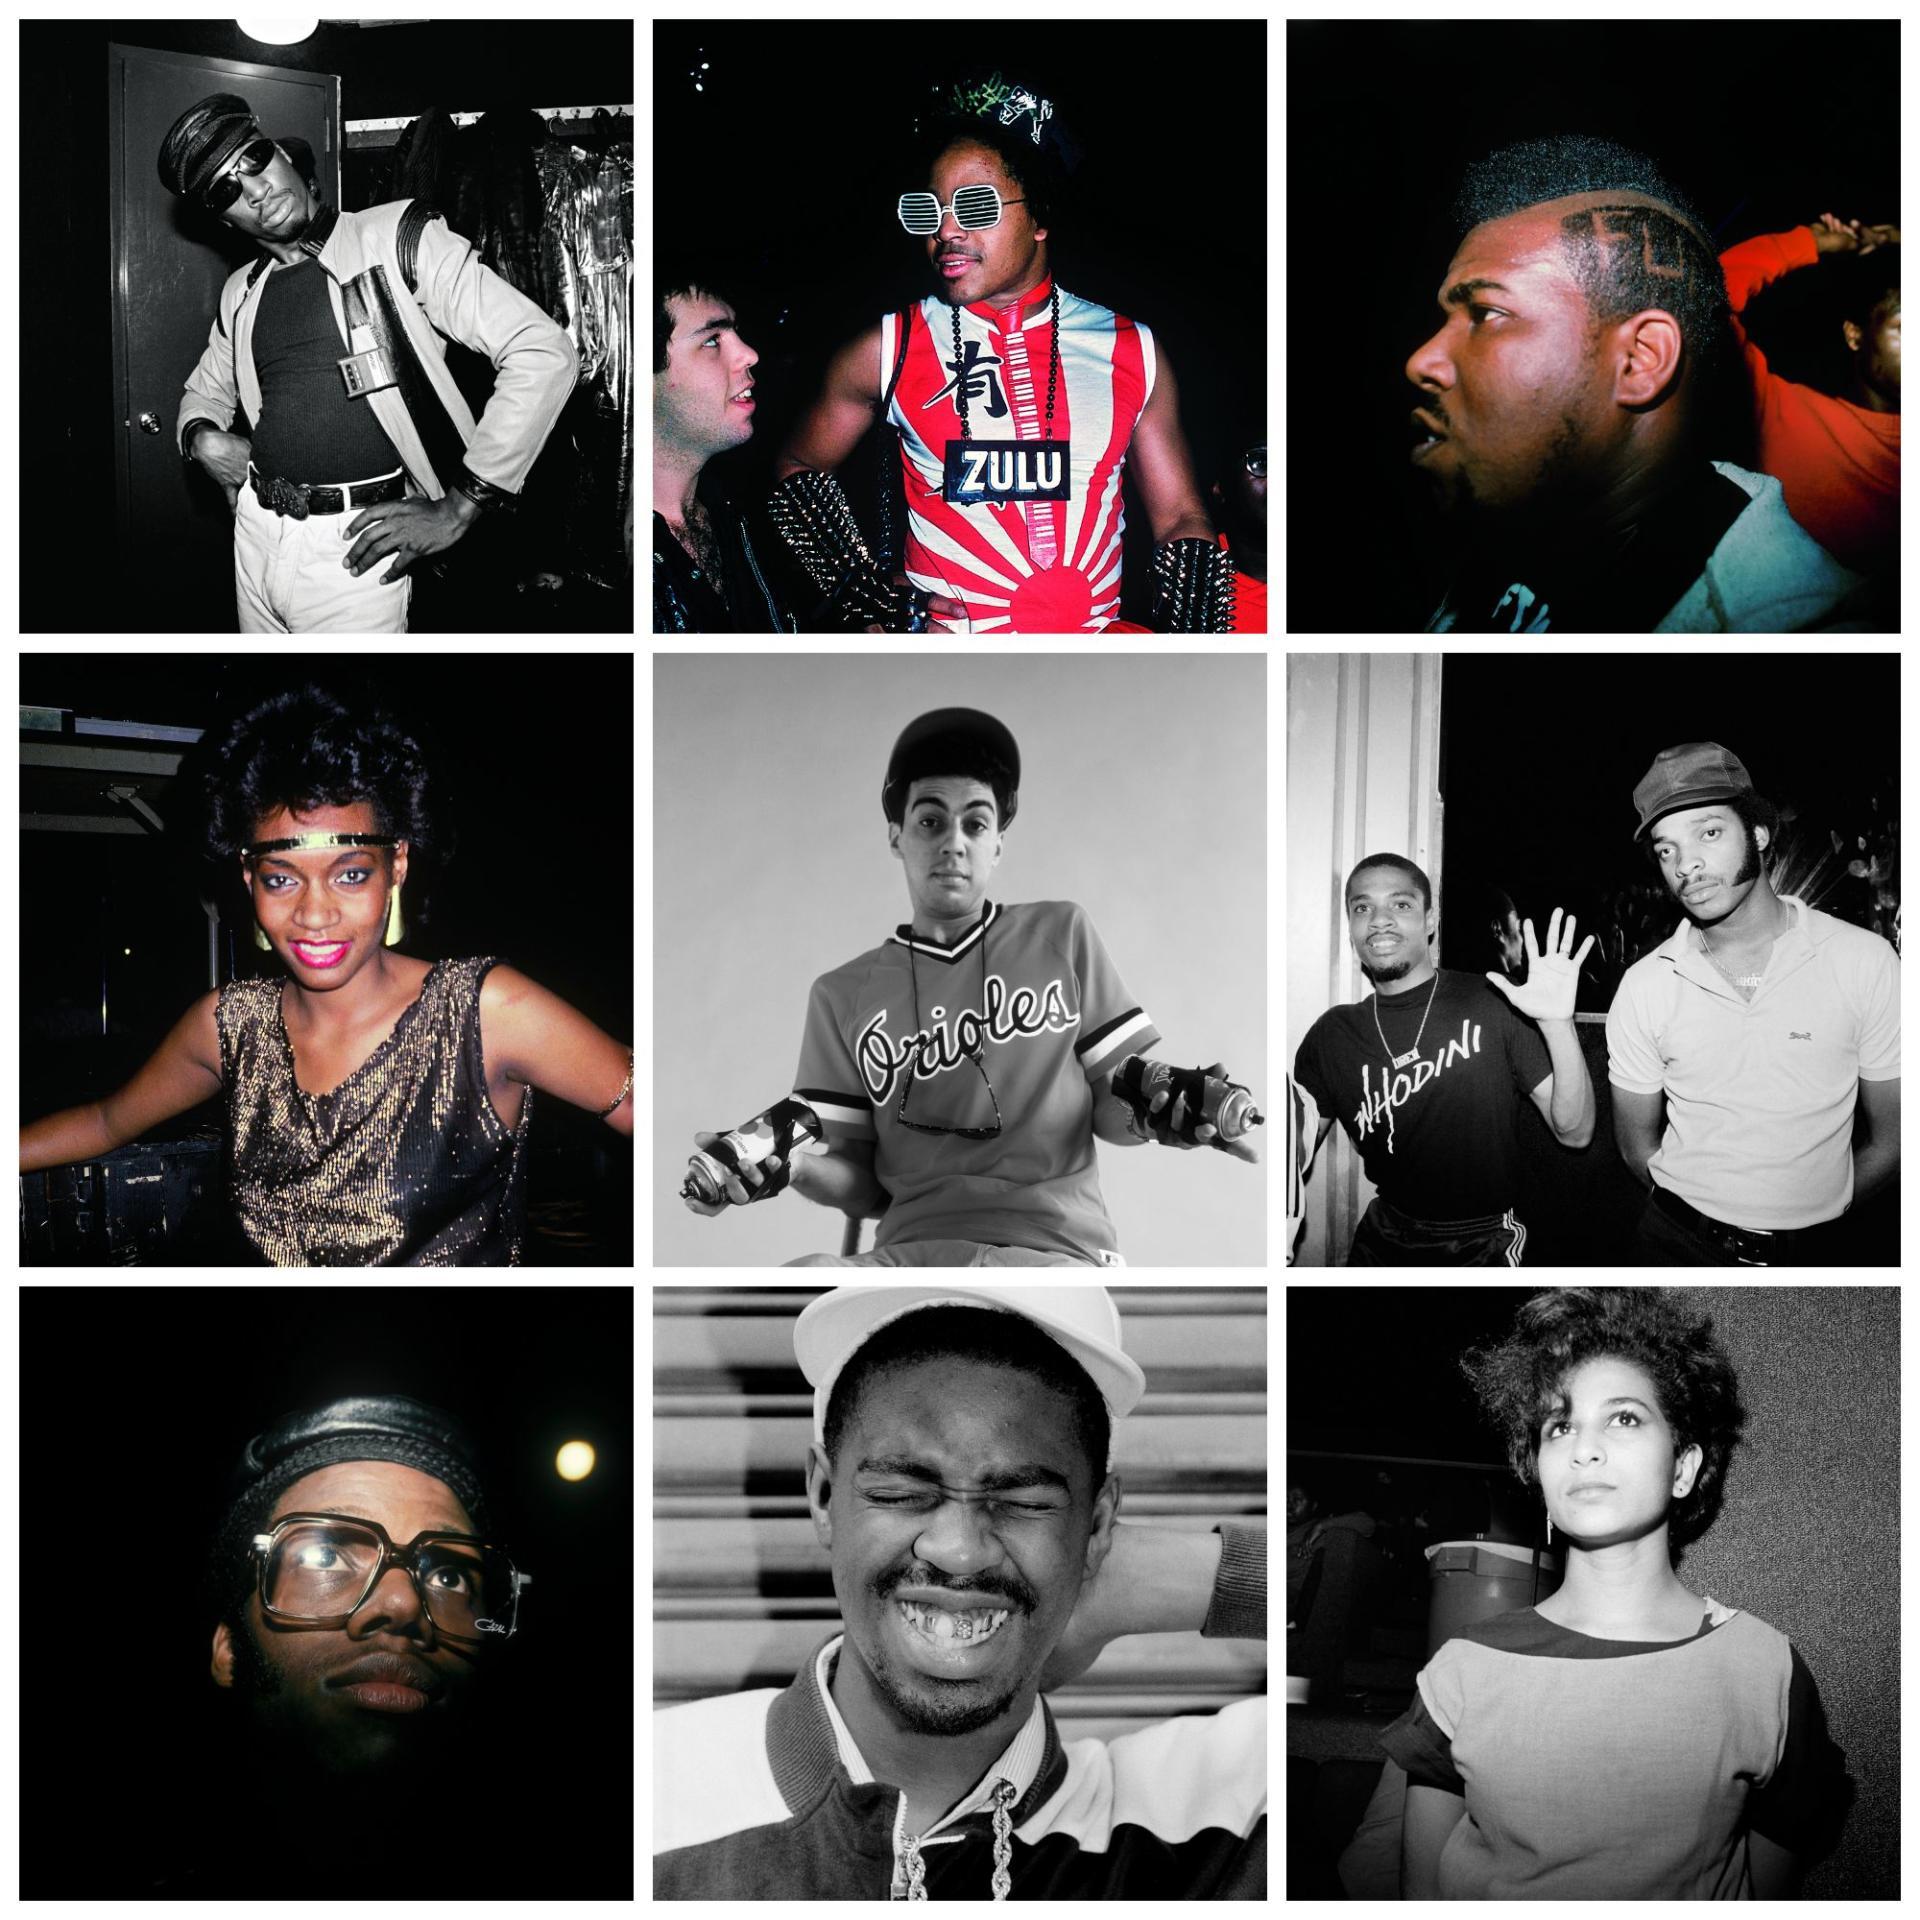 De gauche à droite et de haut en bas: le DJ  Grandmaster Flash; le producteur Rick Rubin et Afrika Islam; Afrika Bambaataa; Sabrina Gillison, du groupe West Street Mob; le grapheur Futura 2000; Grand Master Dee du groupe Whodini et Ahmed de Time Zone;  DJ D.St; Slick Rick; une fille au Roxy.